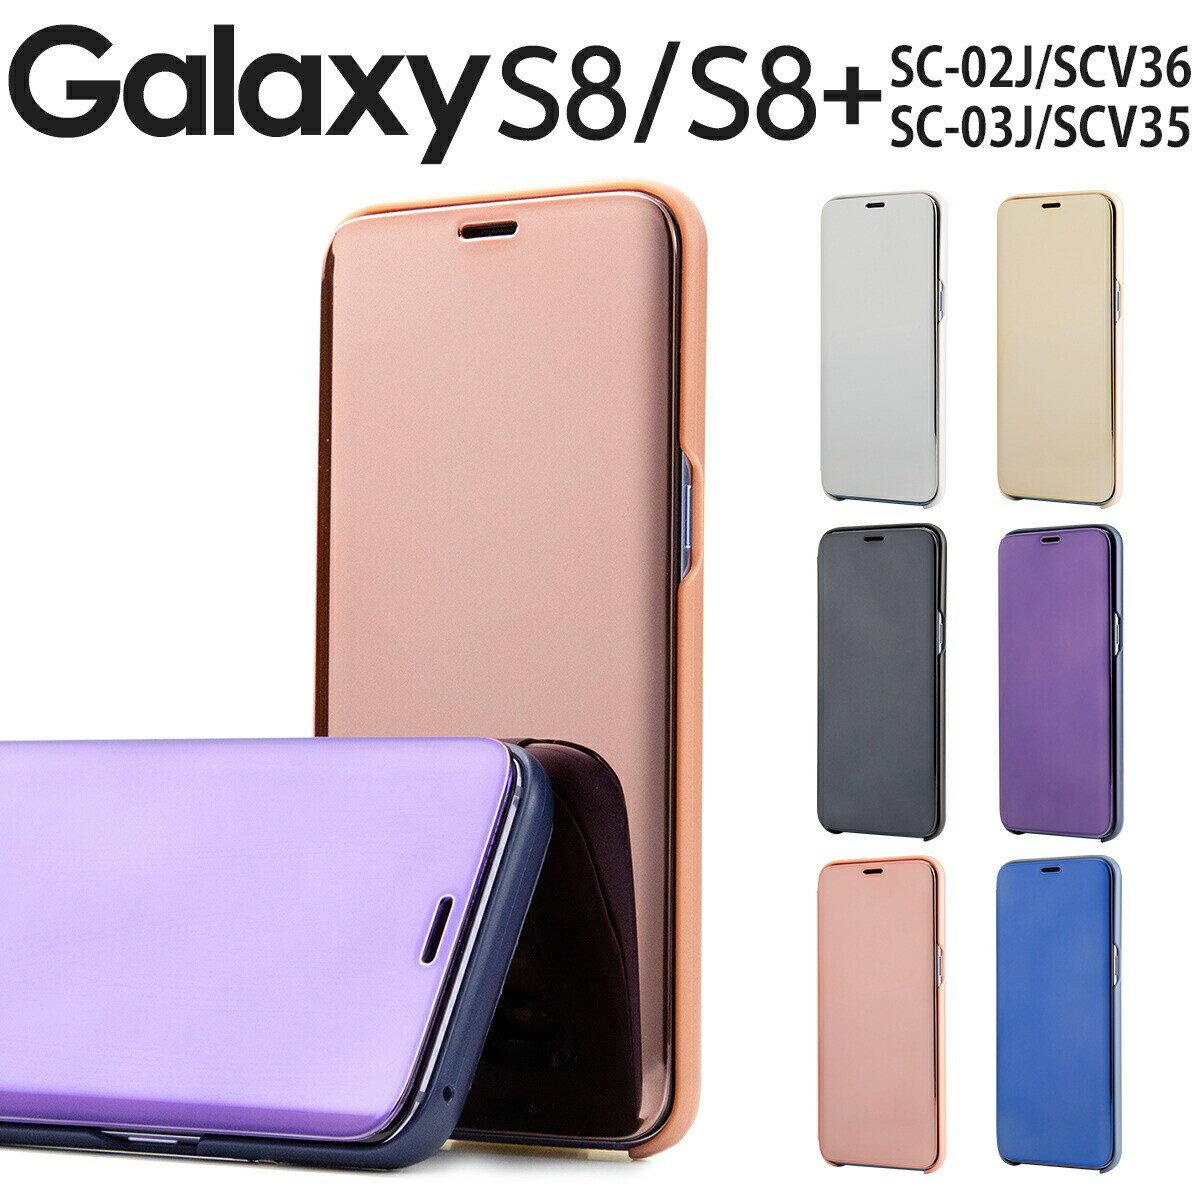 【送料無料】 Galaxy S8 SC-02J/S8 SCV36/S8+ SC-03J/S8+ SCV35 半透明手帳型ケース   ギャラクシー S8 S8プラス ドコモ au ソフトバンク 閉じたまま スケルトン スマホ スマートフォン スマホカバー サムスン SAMSUNG ピンク ネイビー